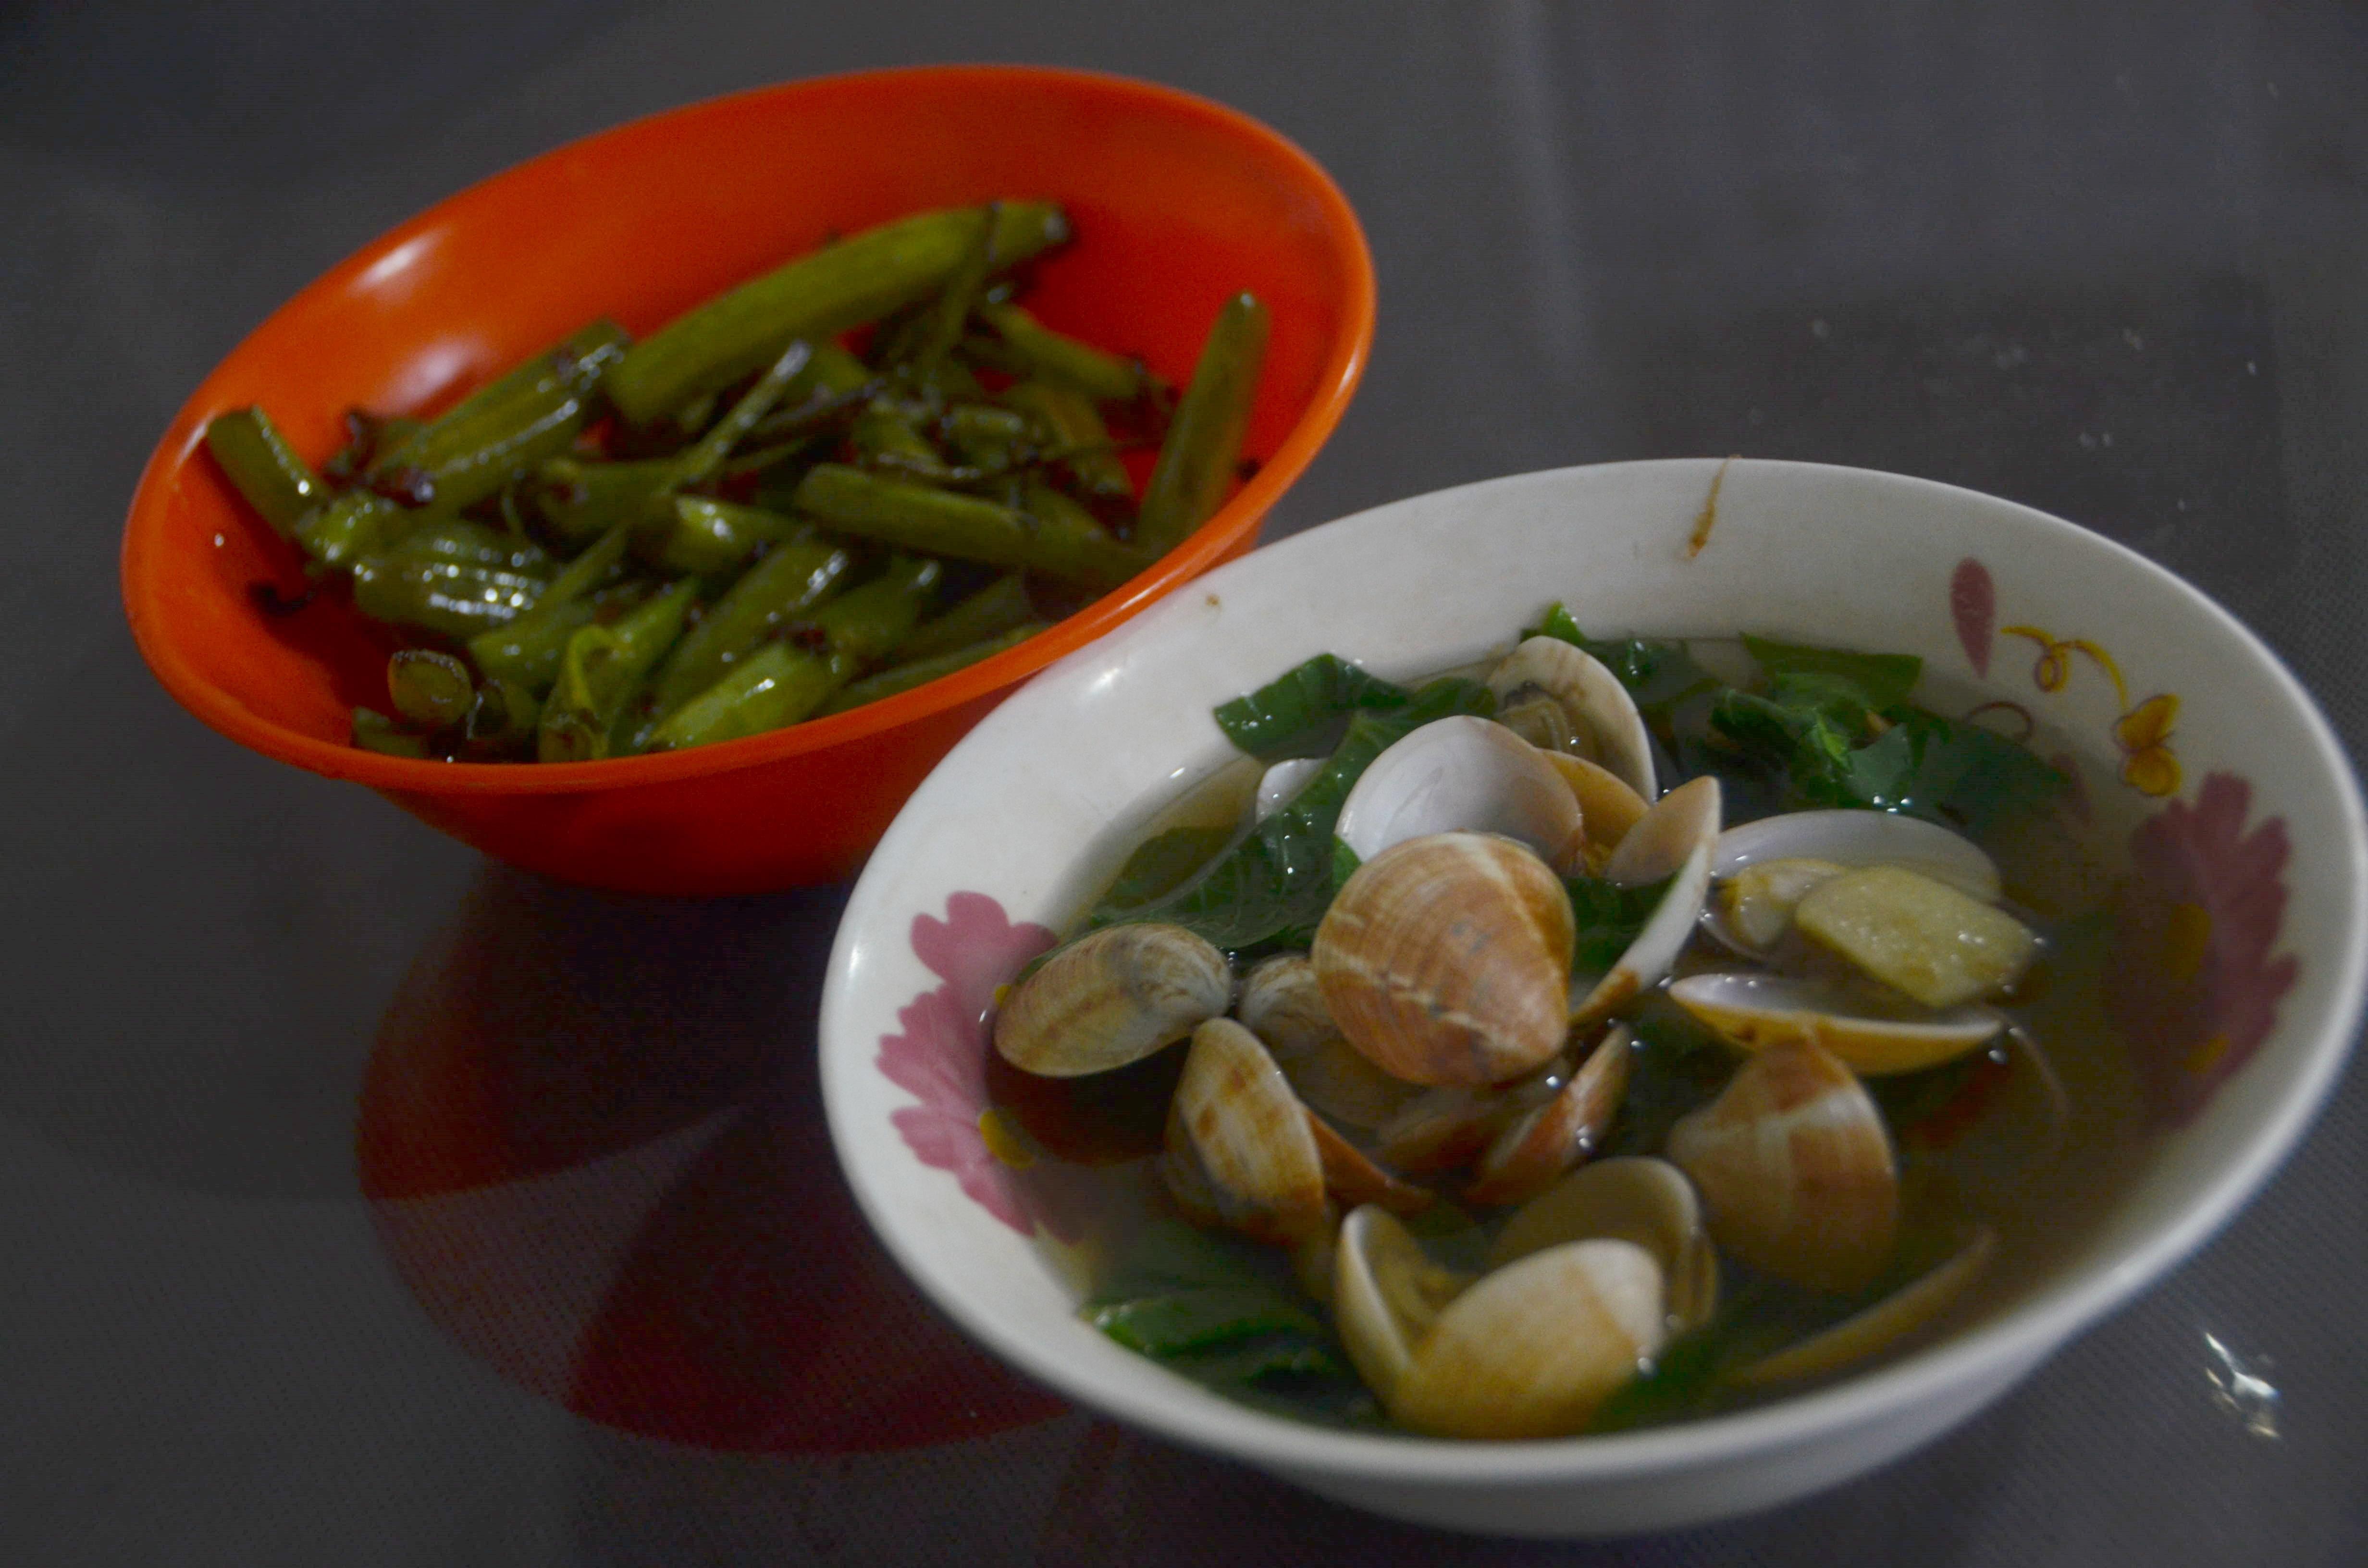 アサリのすまし汁とカンコン炒め